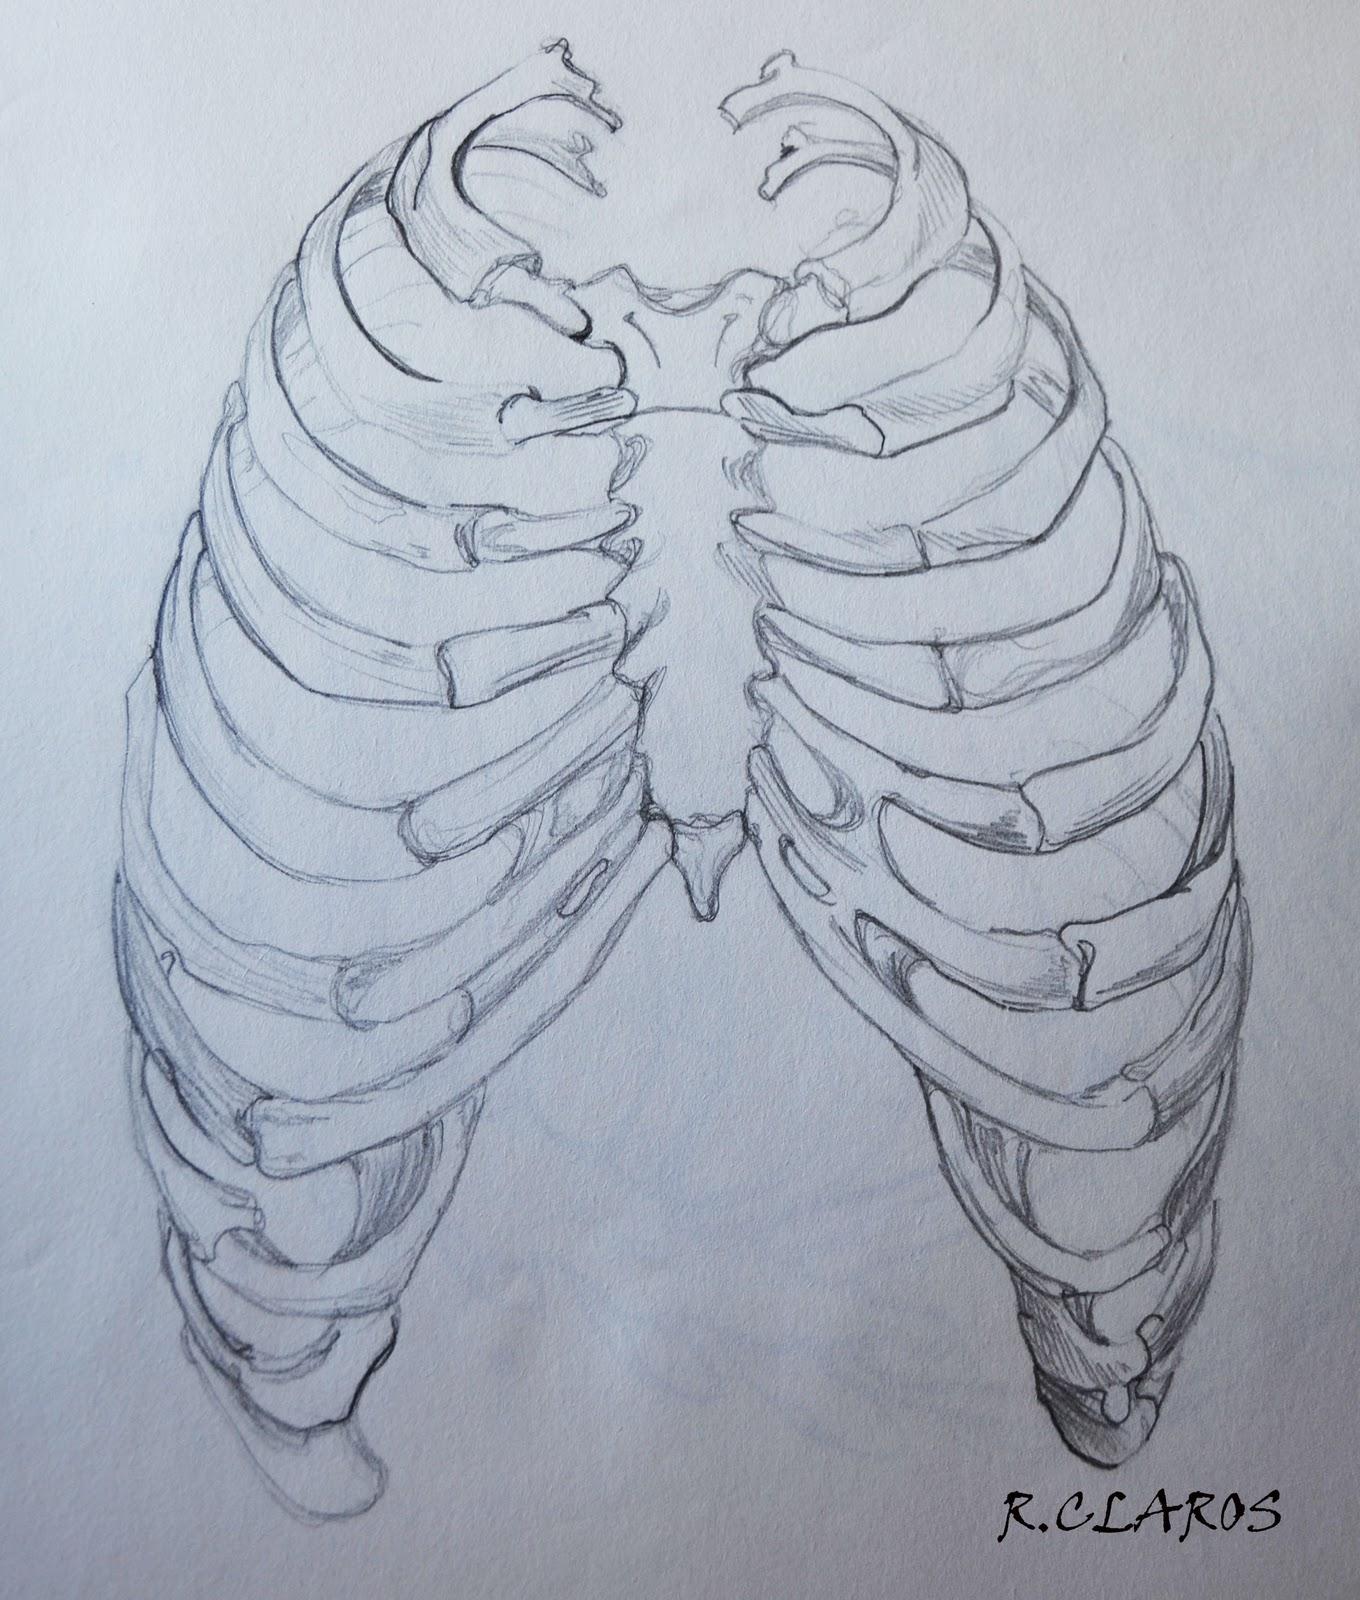 Dibujo Anatomía Artistica -Costilla | R.CLaros